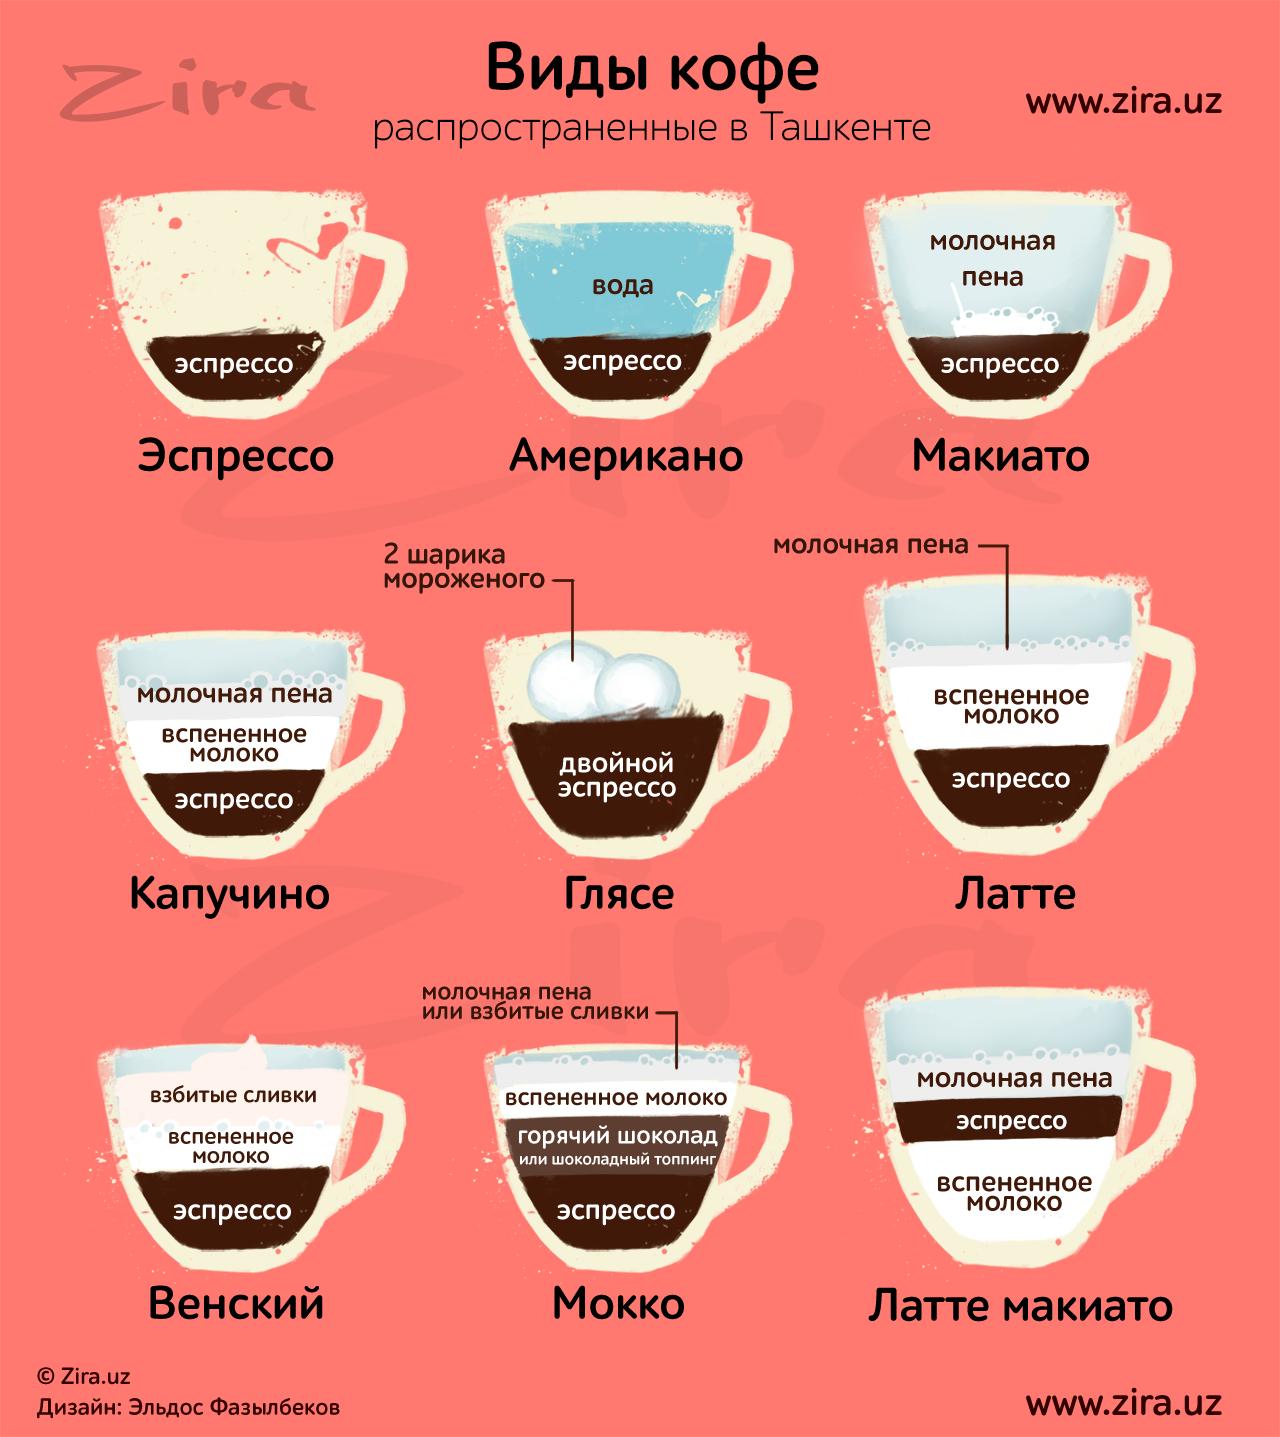 меню виды кофе и способы приготовления картинки людям нравятся шум